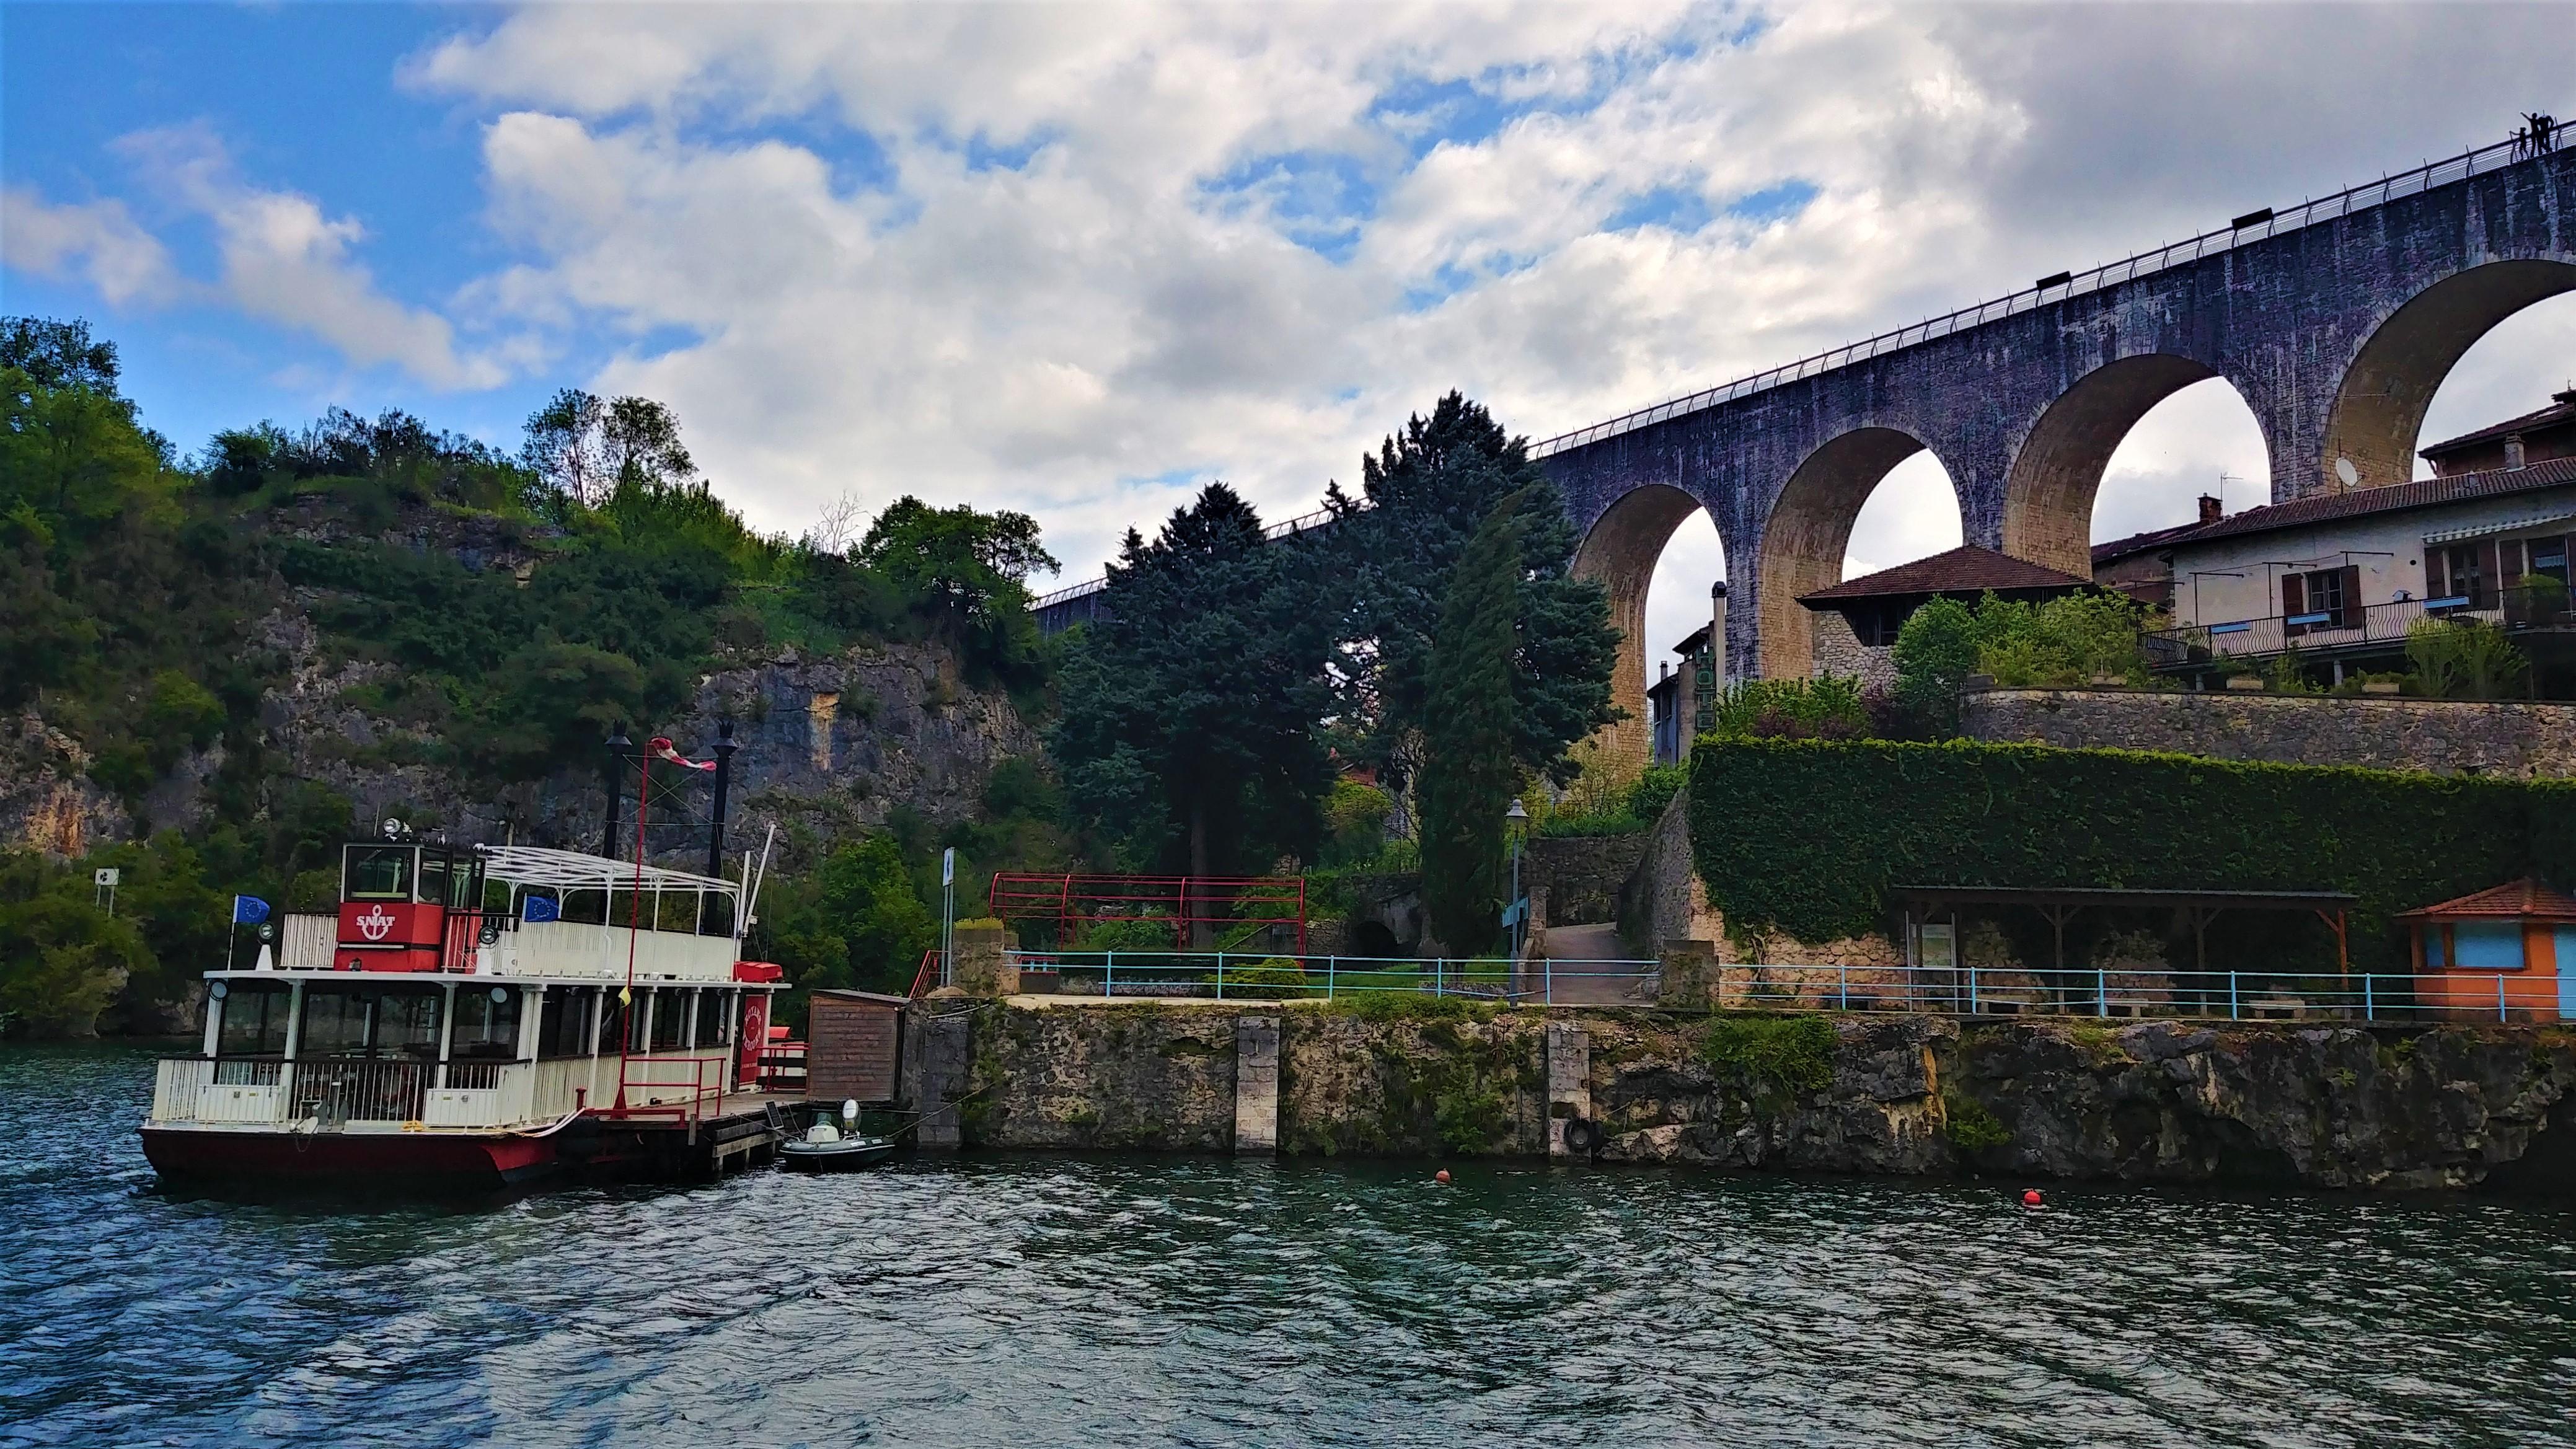 Saint-Nazaire-en-royans visiter viaduc infos pratiques blog voyage arpenter le chemin